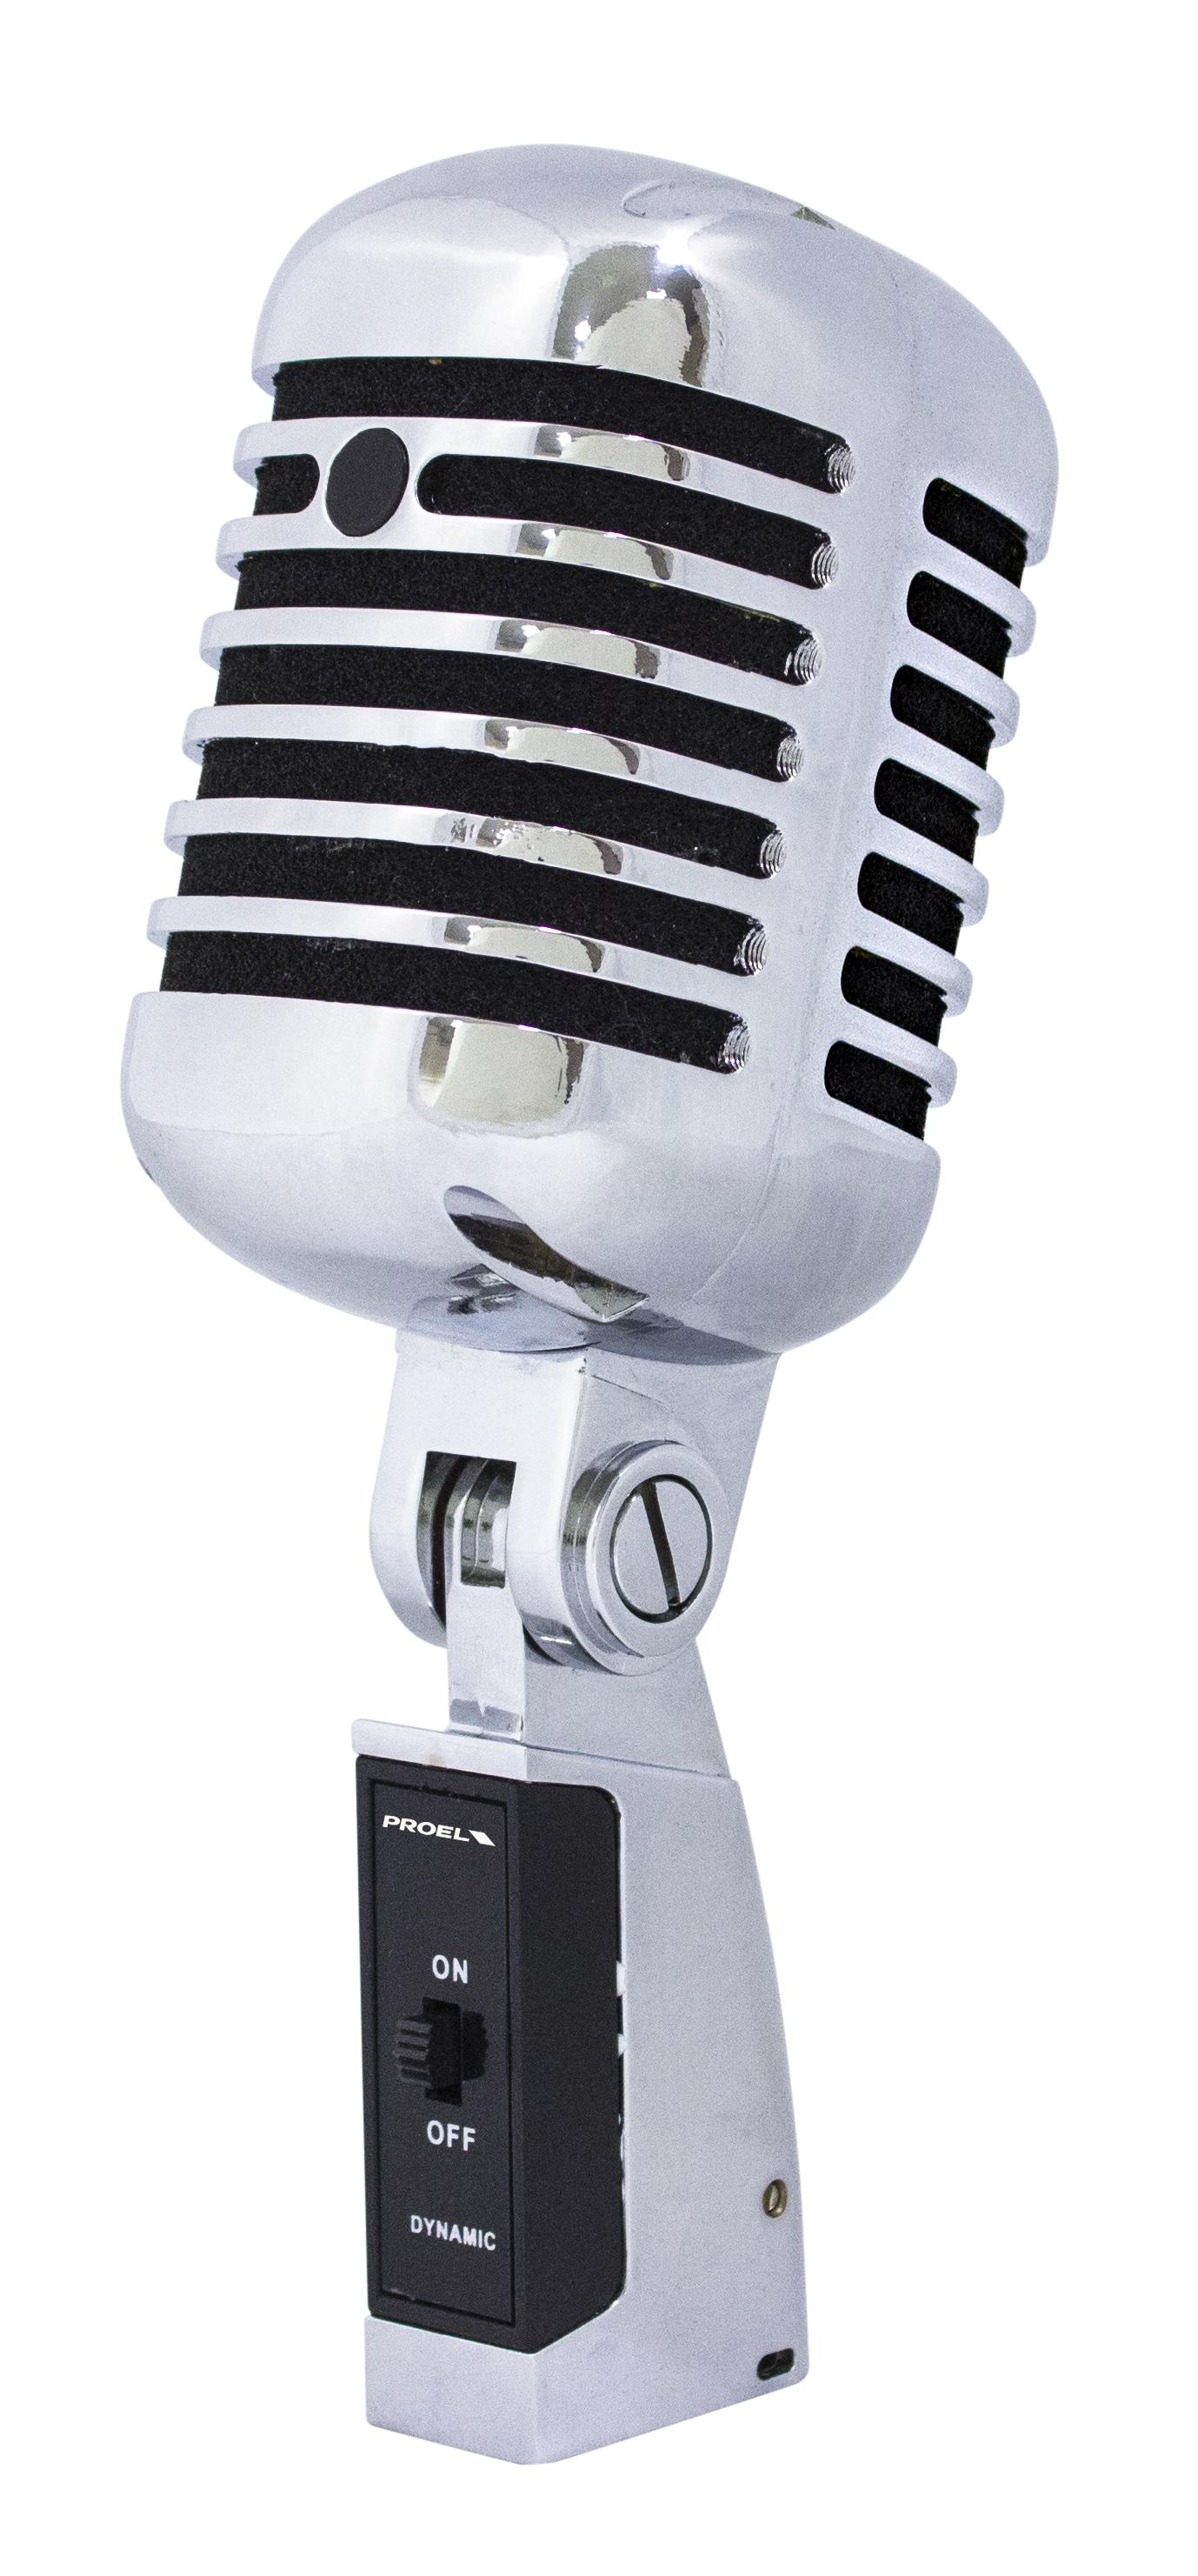 PROEL DM55V2 - Microfono dinamico old style in metallo